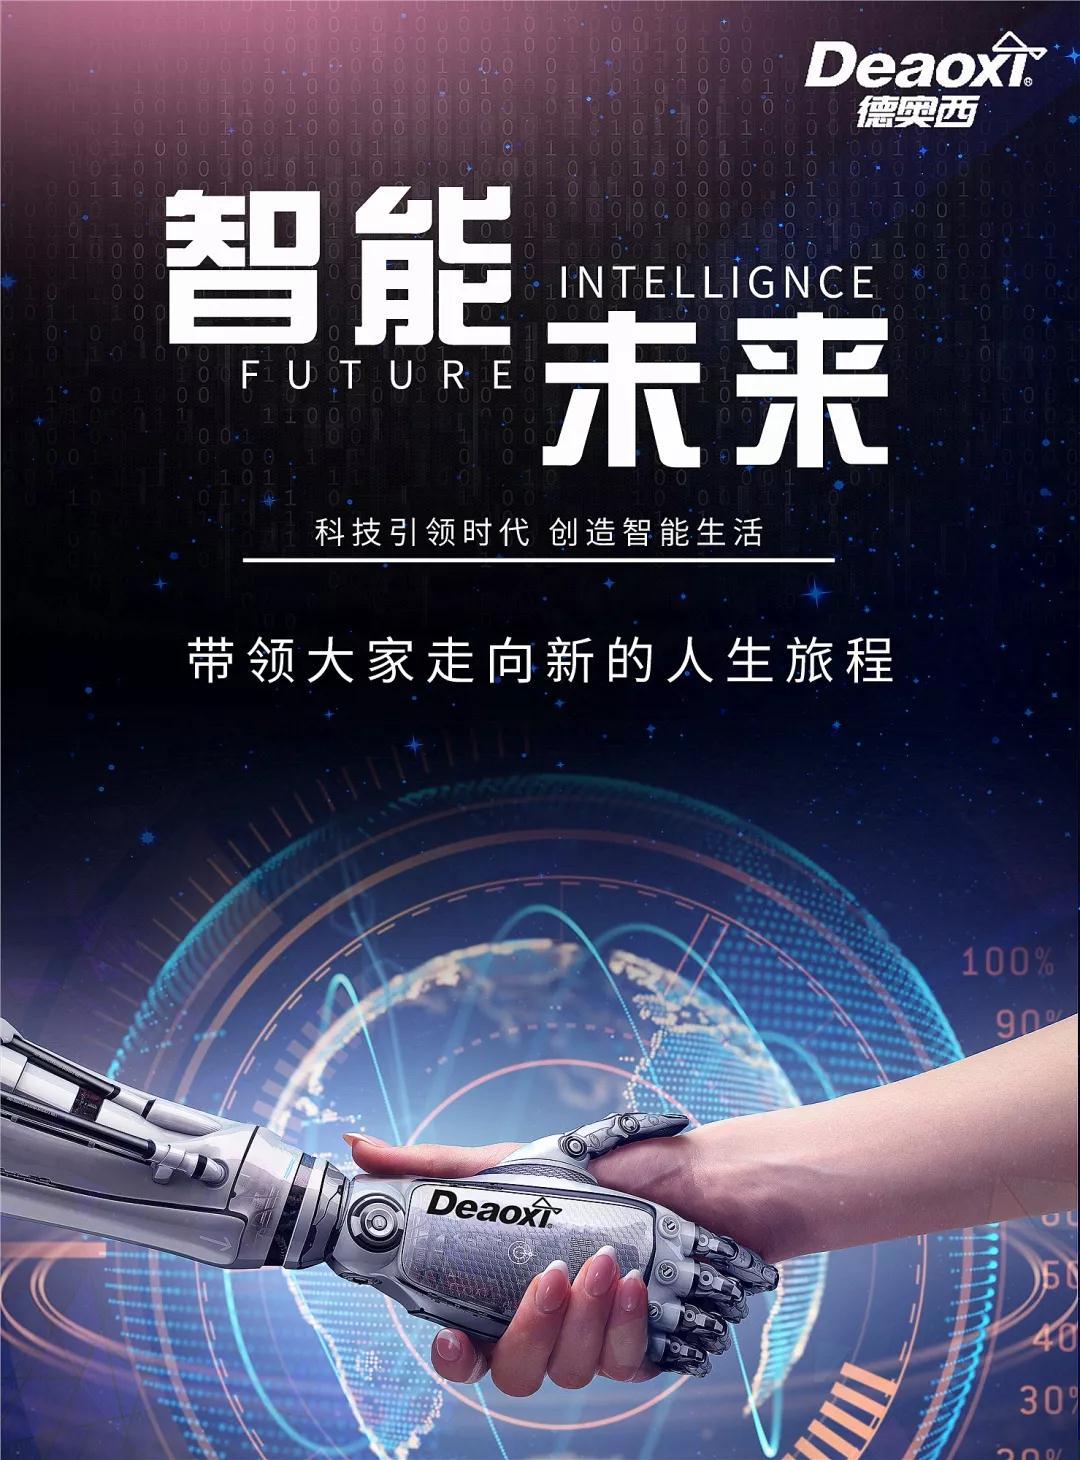 德奧西 | 告别回憶,智能未來!